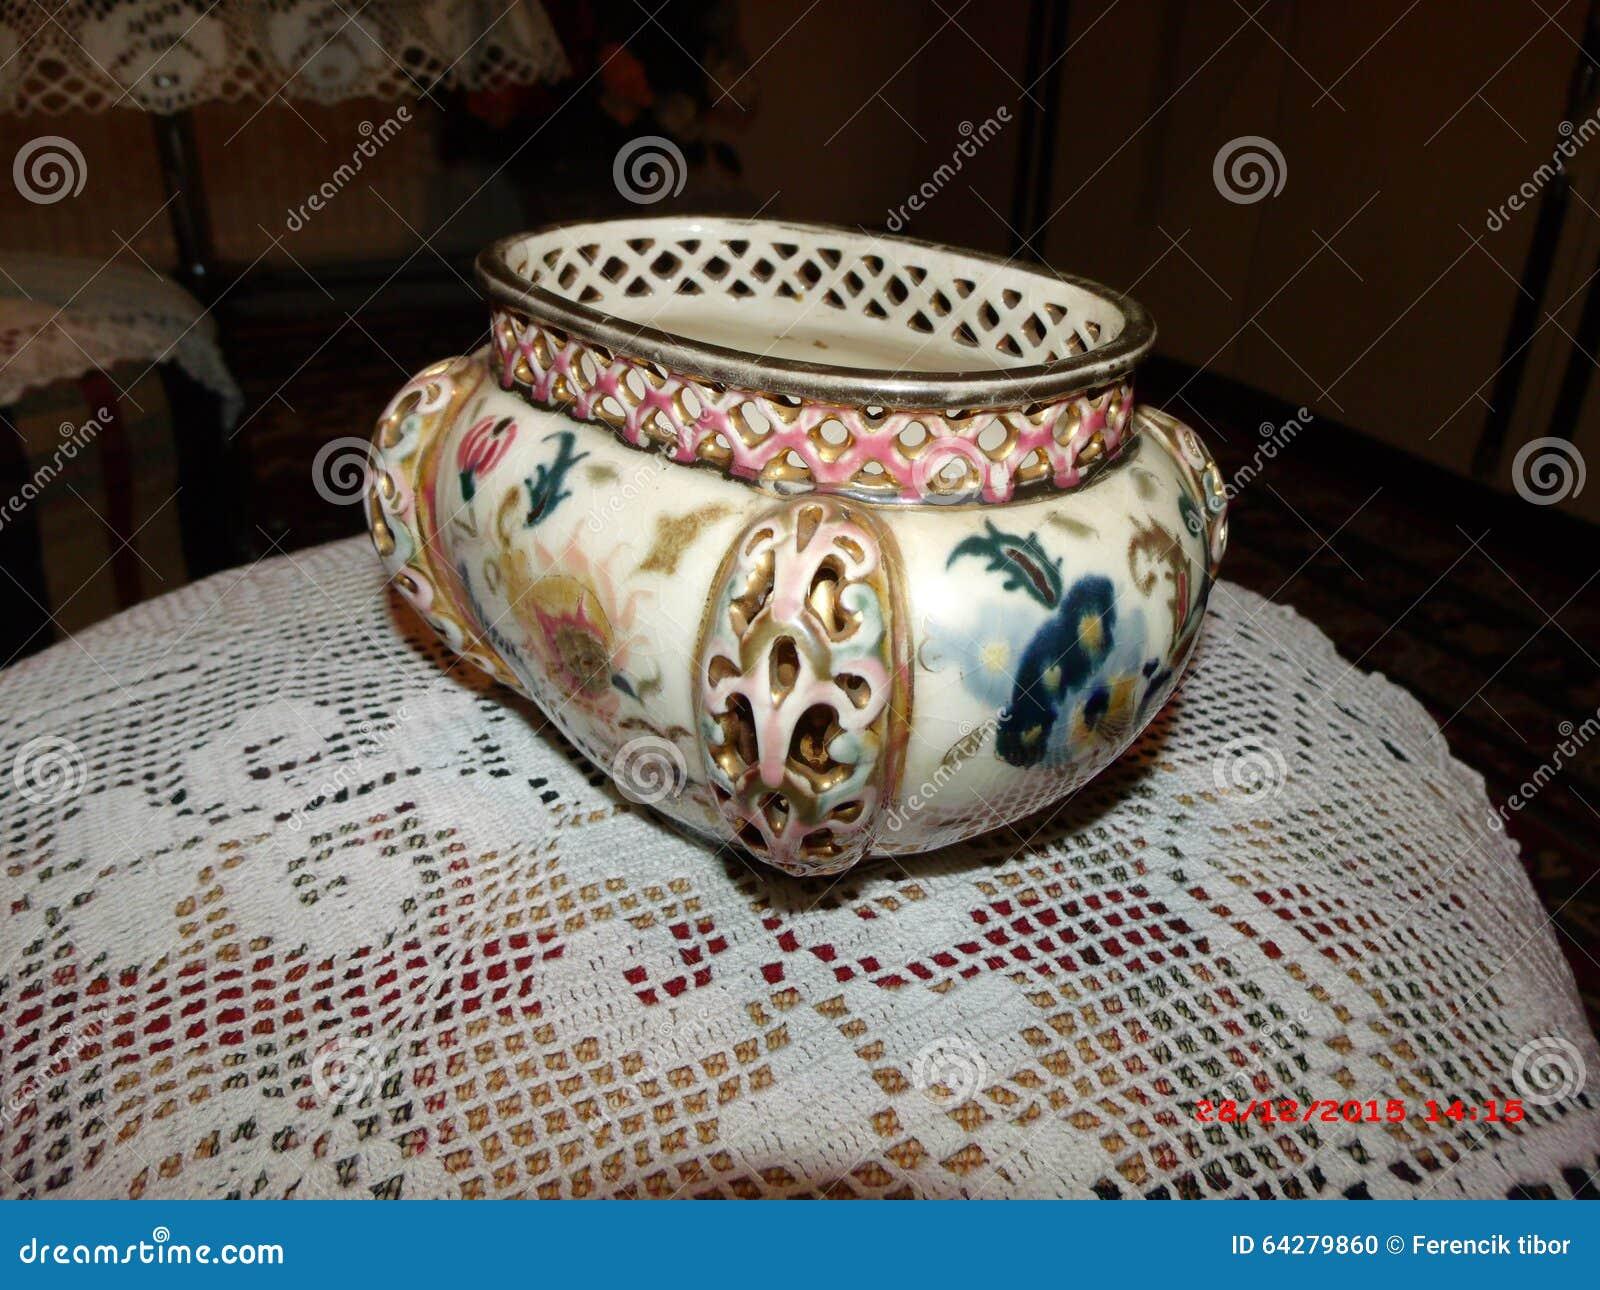 Konstnärliga minnen för prestationantikvitet av härliga dagar drar tillbaka ceramicsfamily